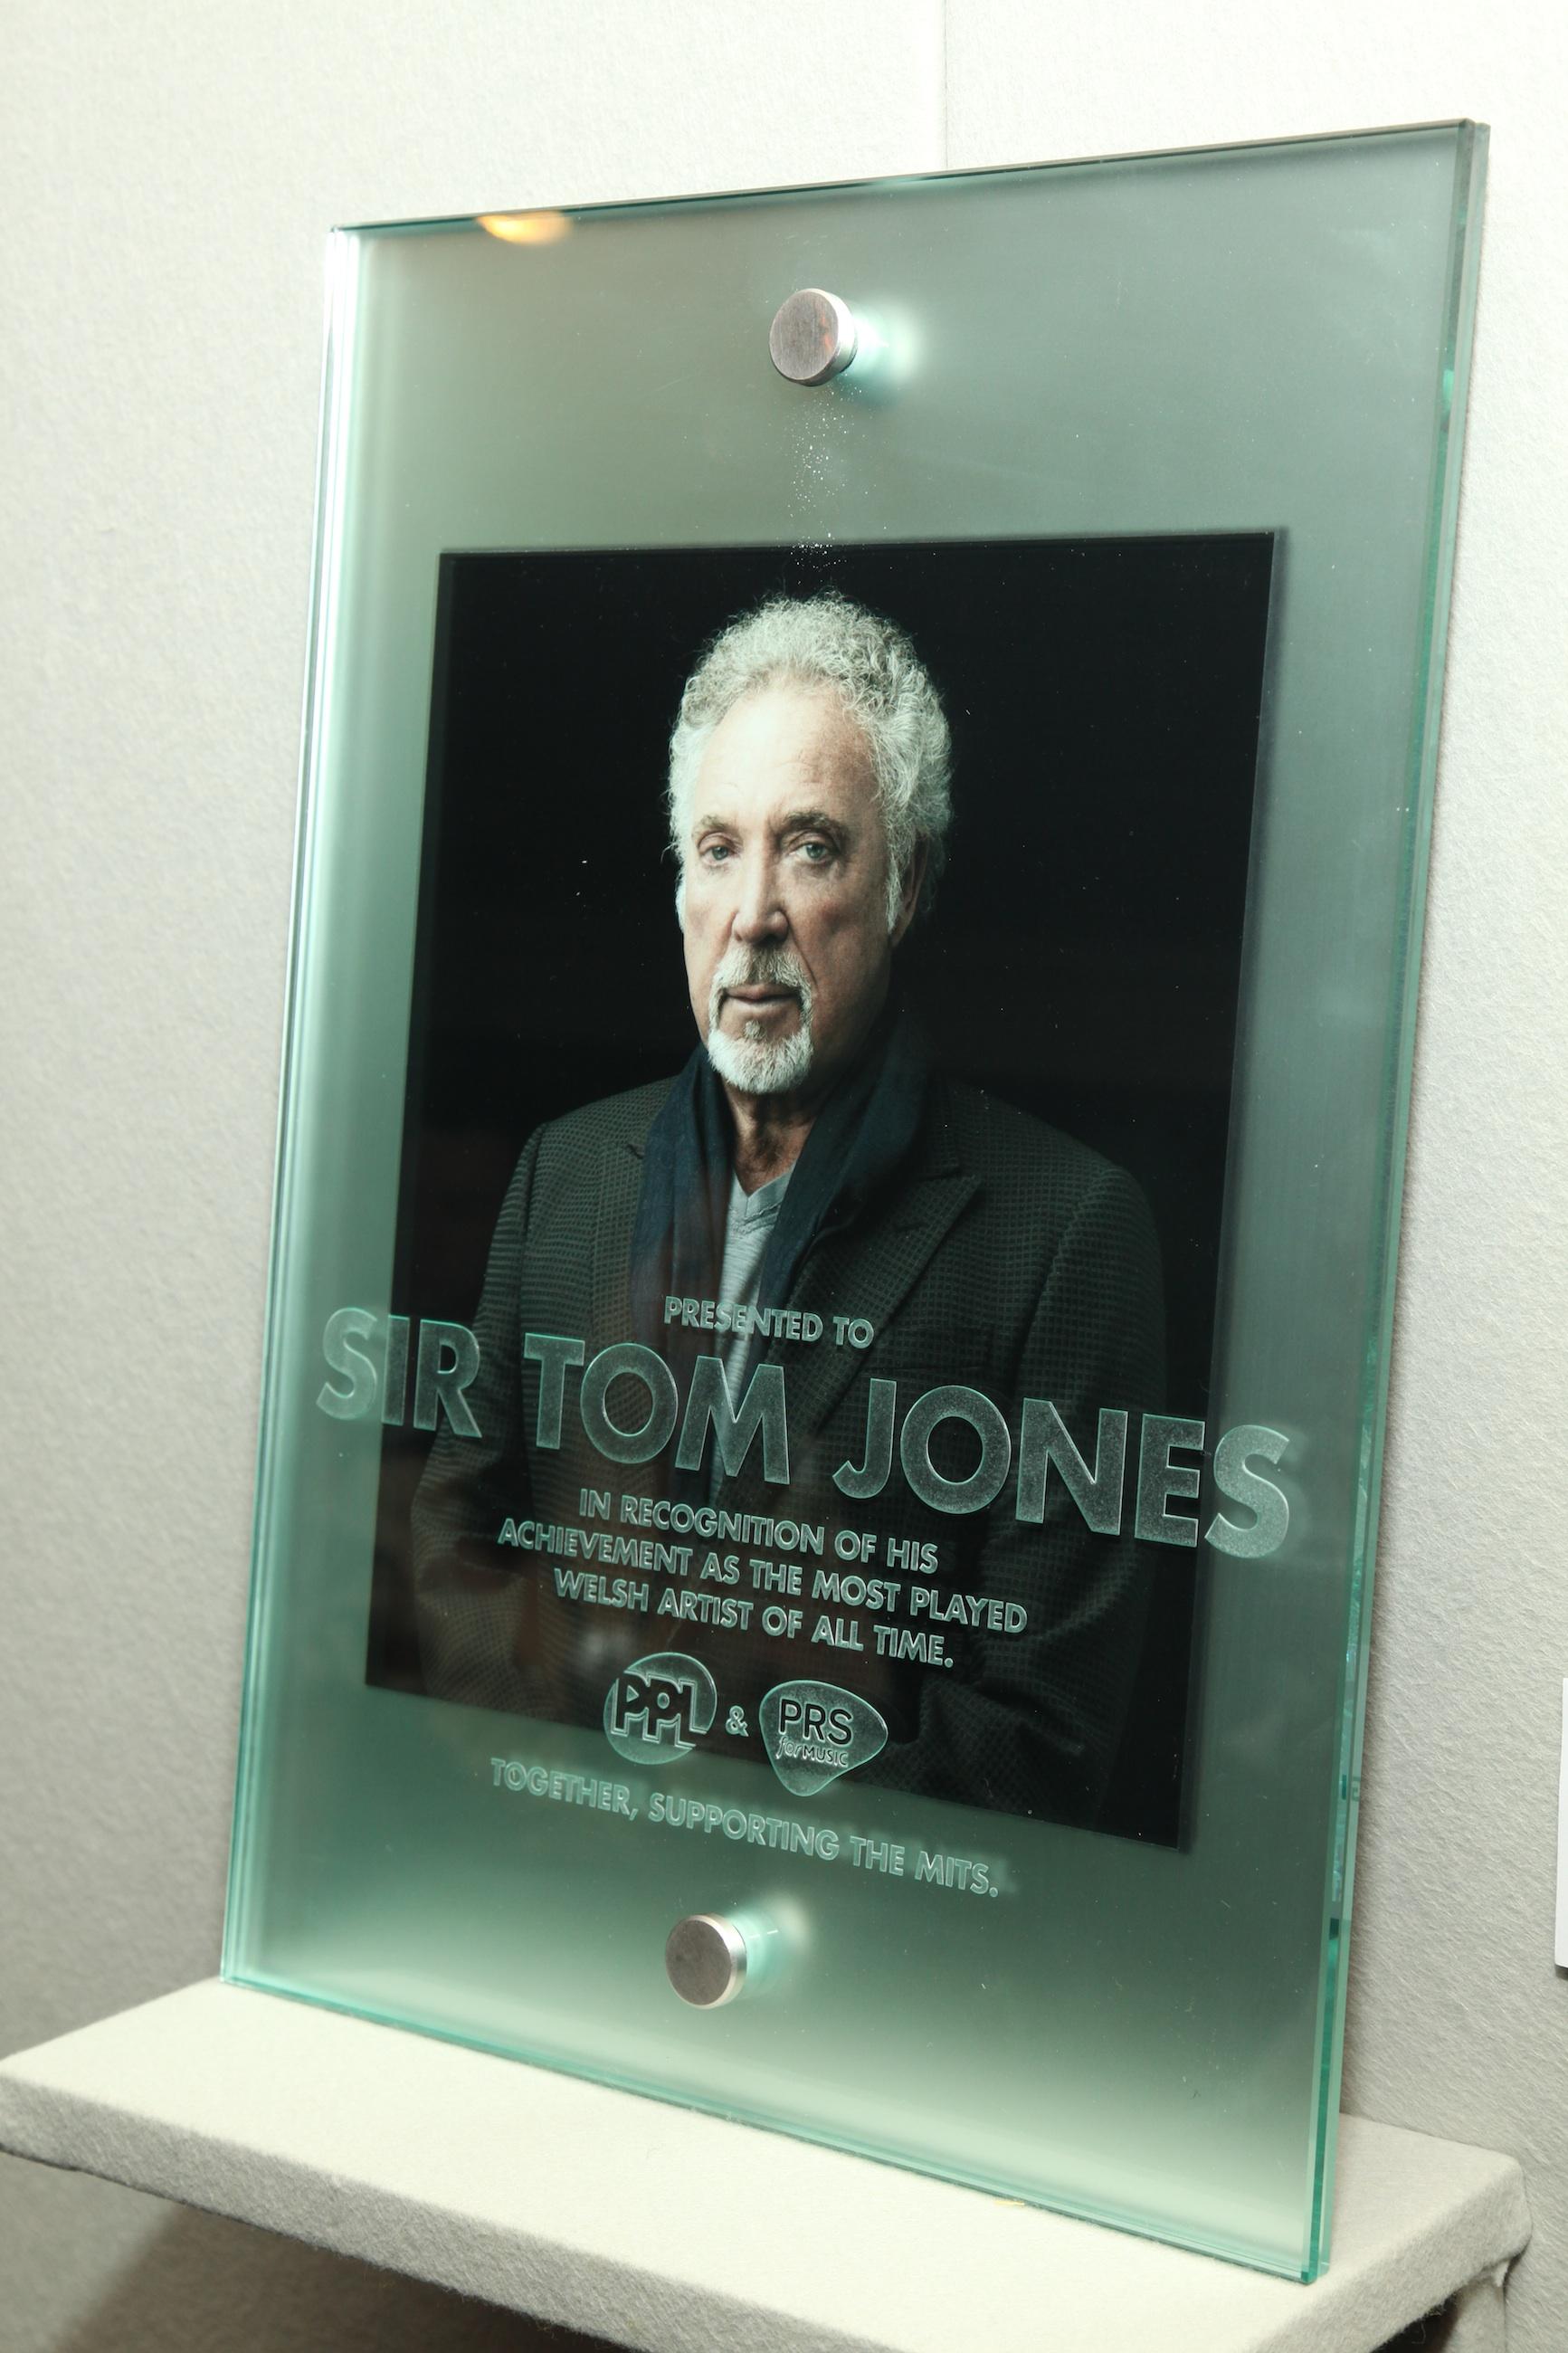 MITs Award 2010 - Tom Jones